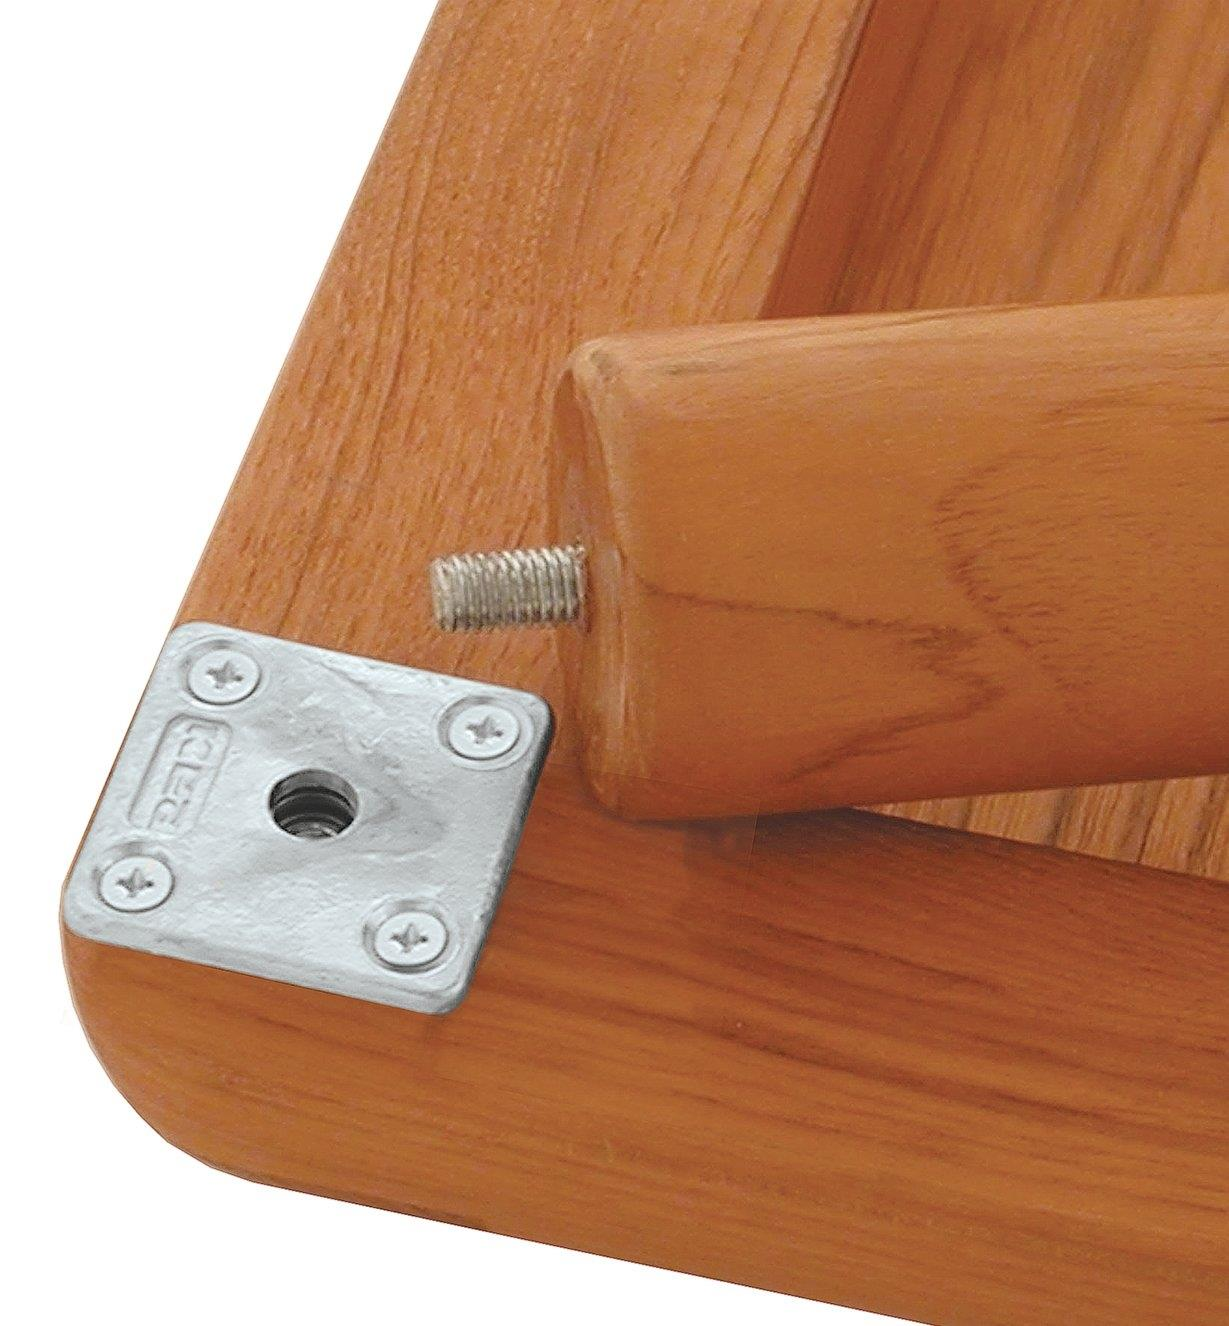 Plaques de fixation pour pattes de meuble